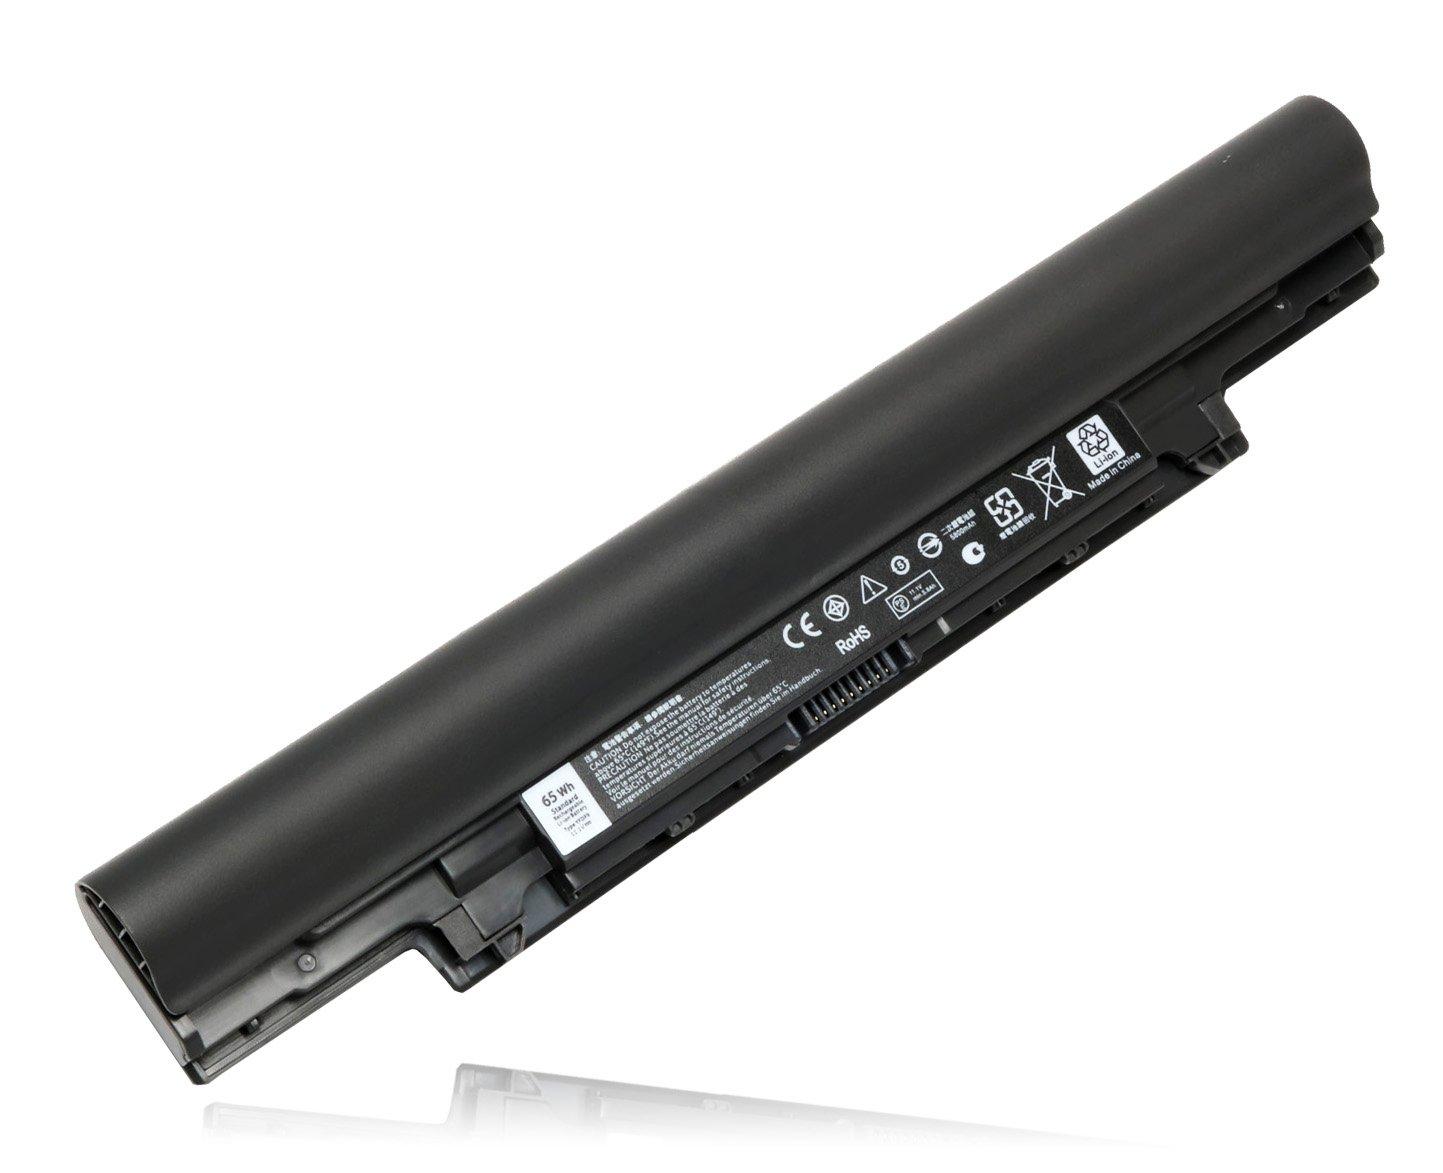 Bateria Yfdf9 Yfof9 5mtd8 Para Dell V131 2 Series Dell Latitude 3340 3350 11.1v 65wh 6 Celdas S